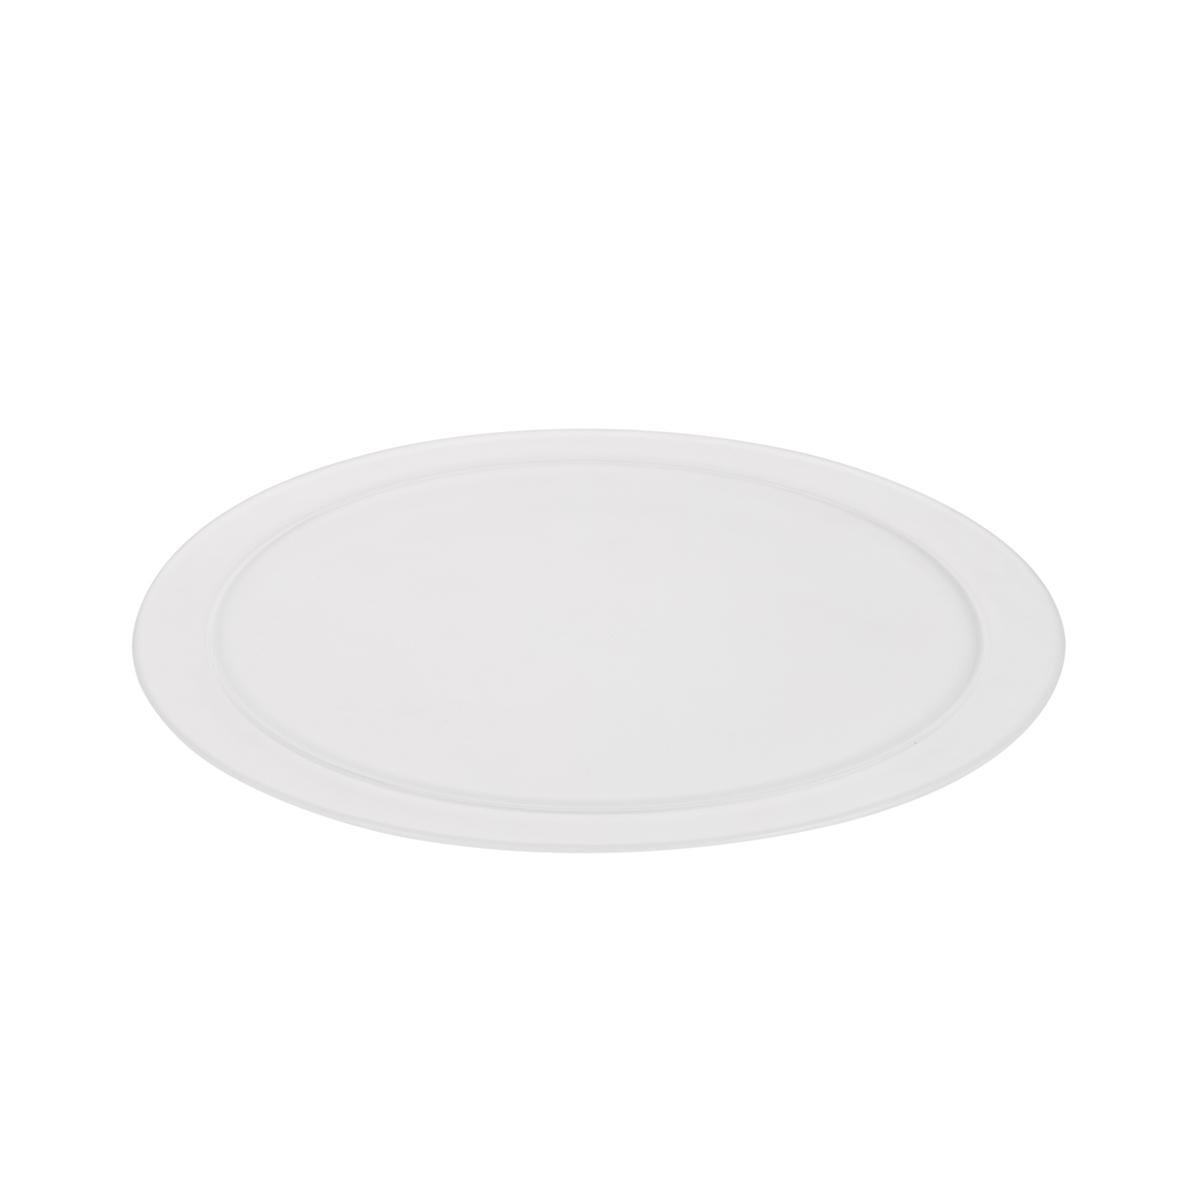 Картинка - Блюдо GIPFEL ATLAS 41379 32,5 см